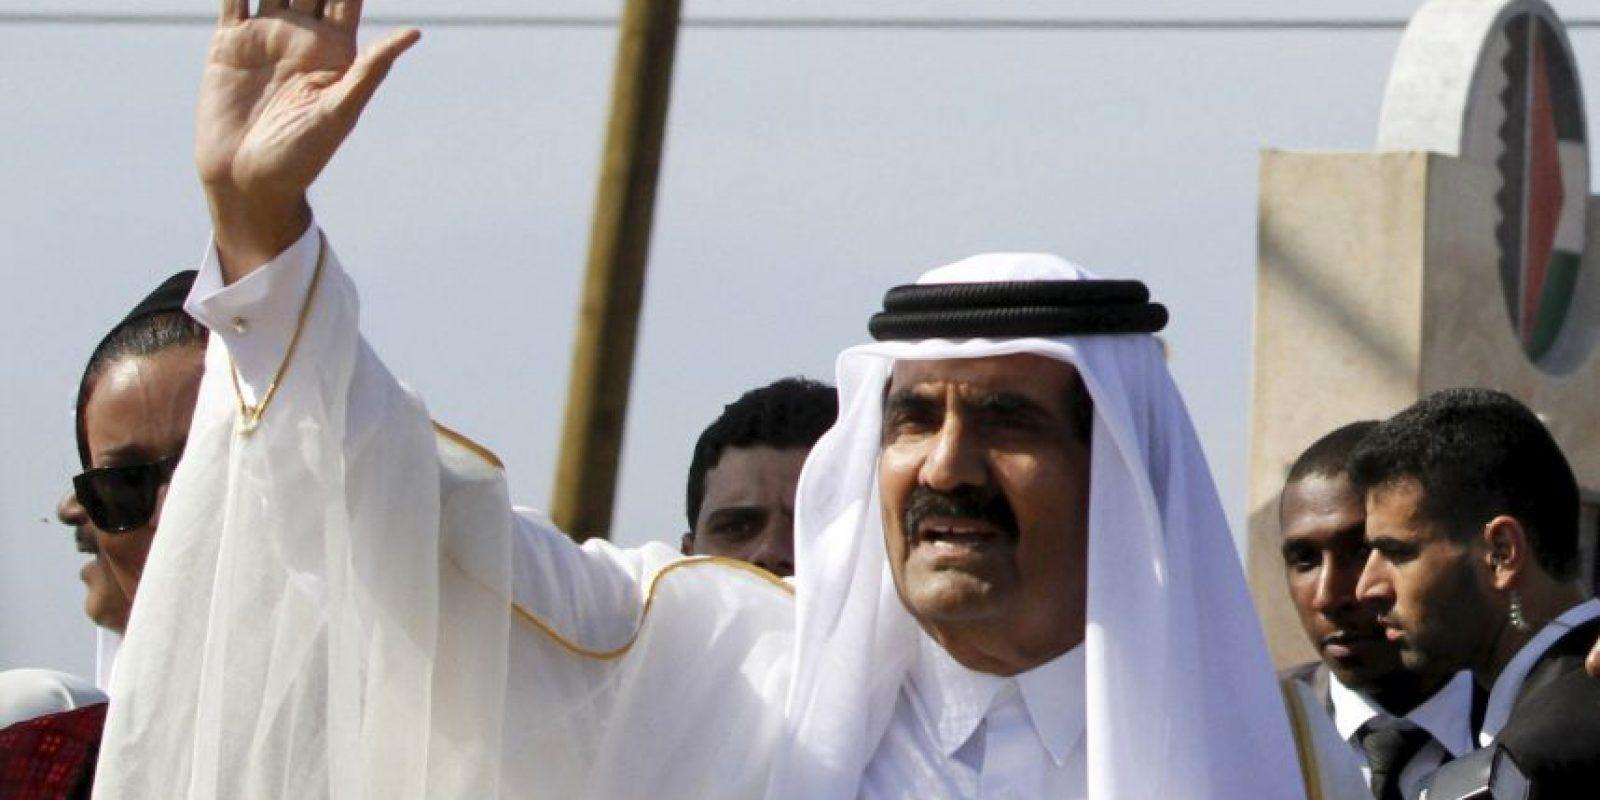 Su fortuna se estima en 2 mil 400 millones de dólares. Es conocido por fundar la primera televisora árabe a nivel mundial: Al Jazeera. Foto:Getty Images